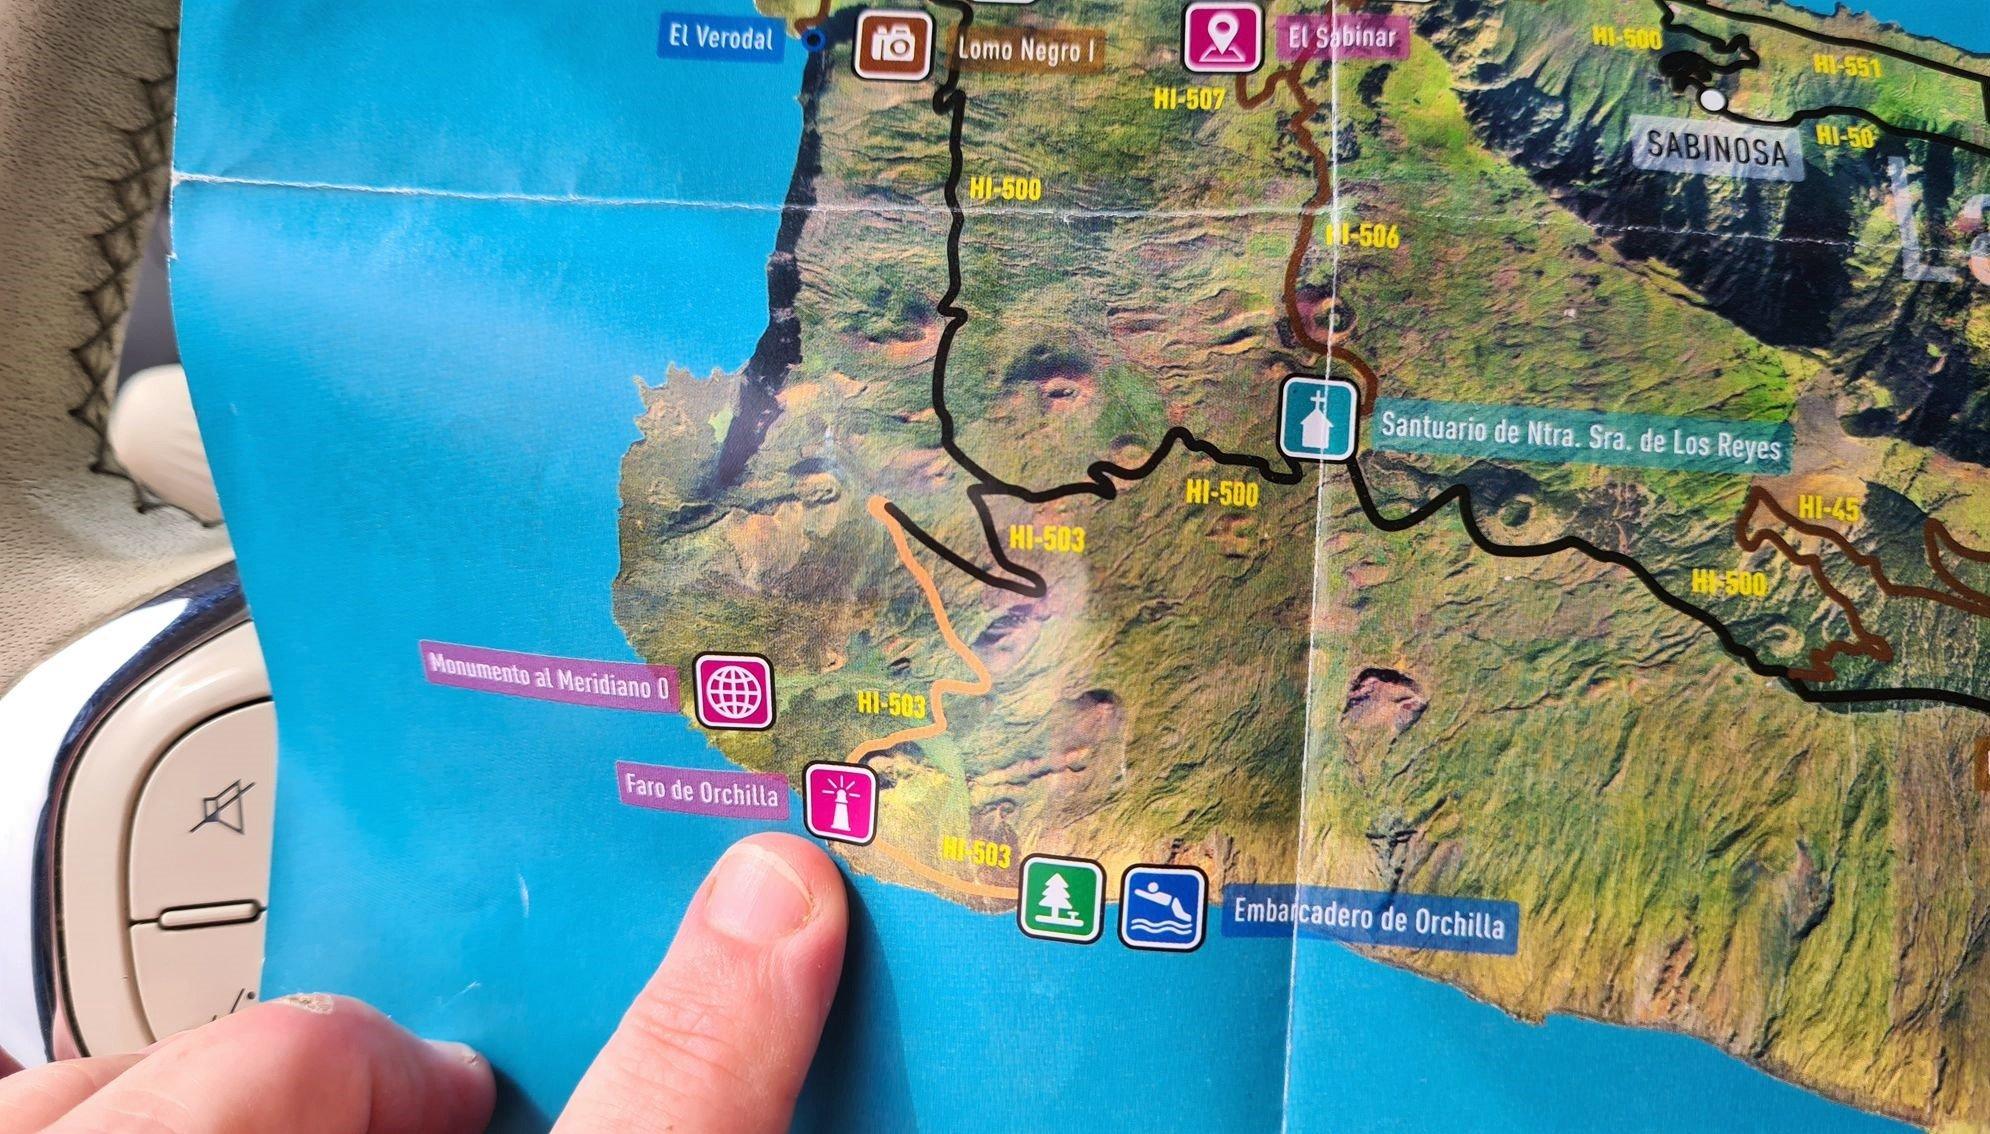 Dove si trova il Faro di Punta de Orchilla